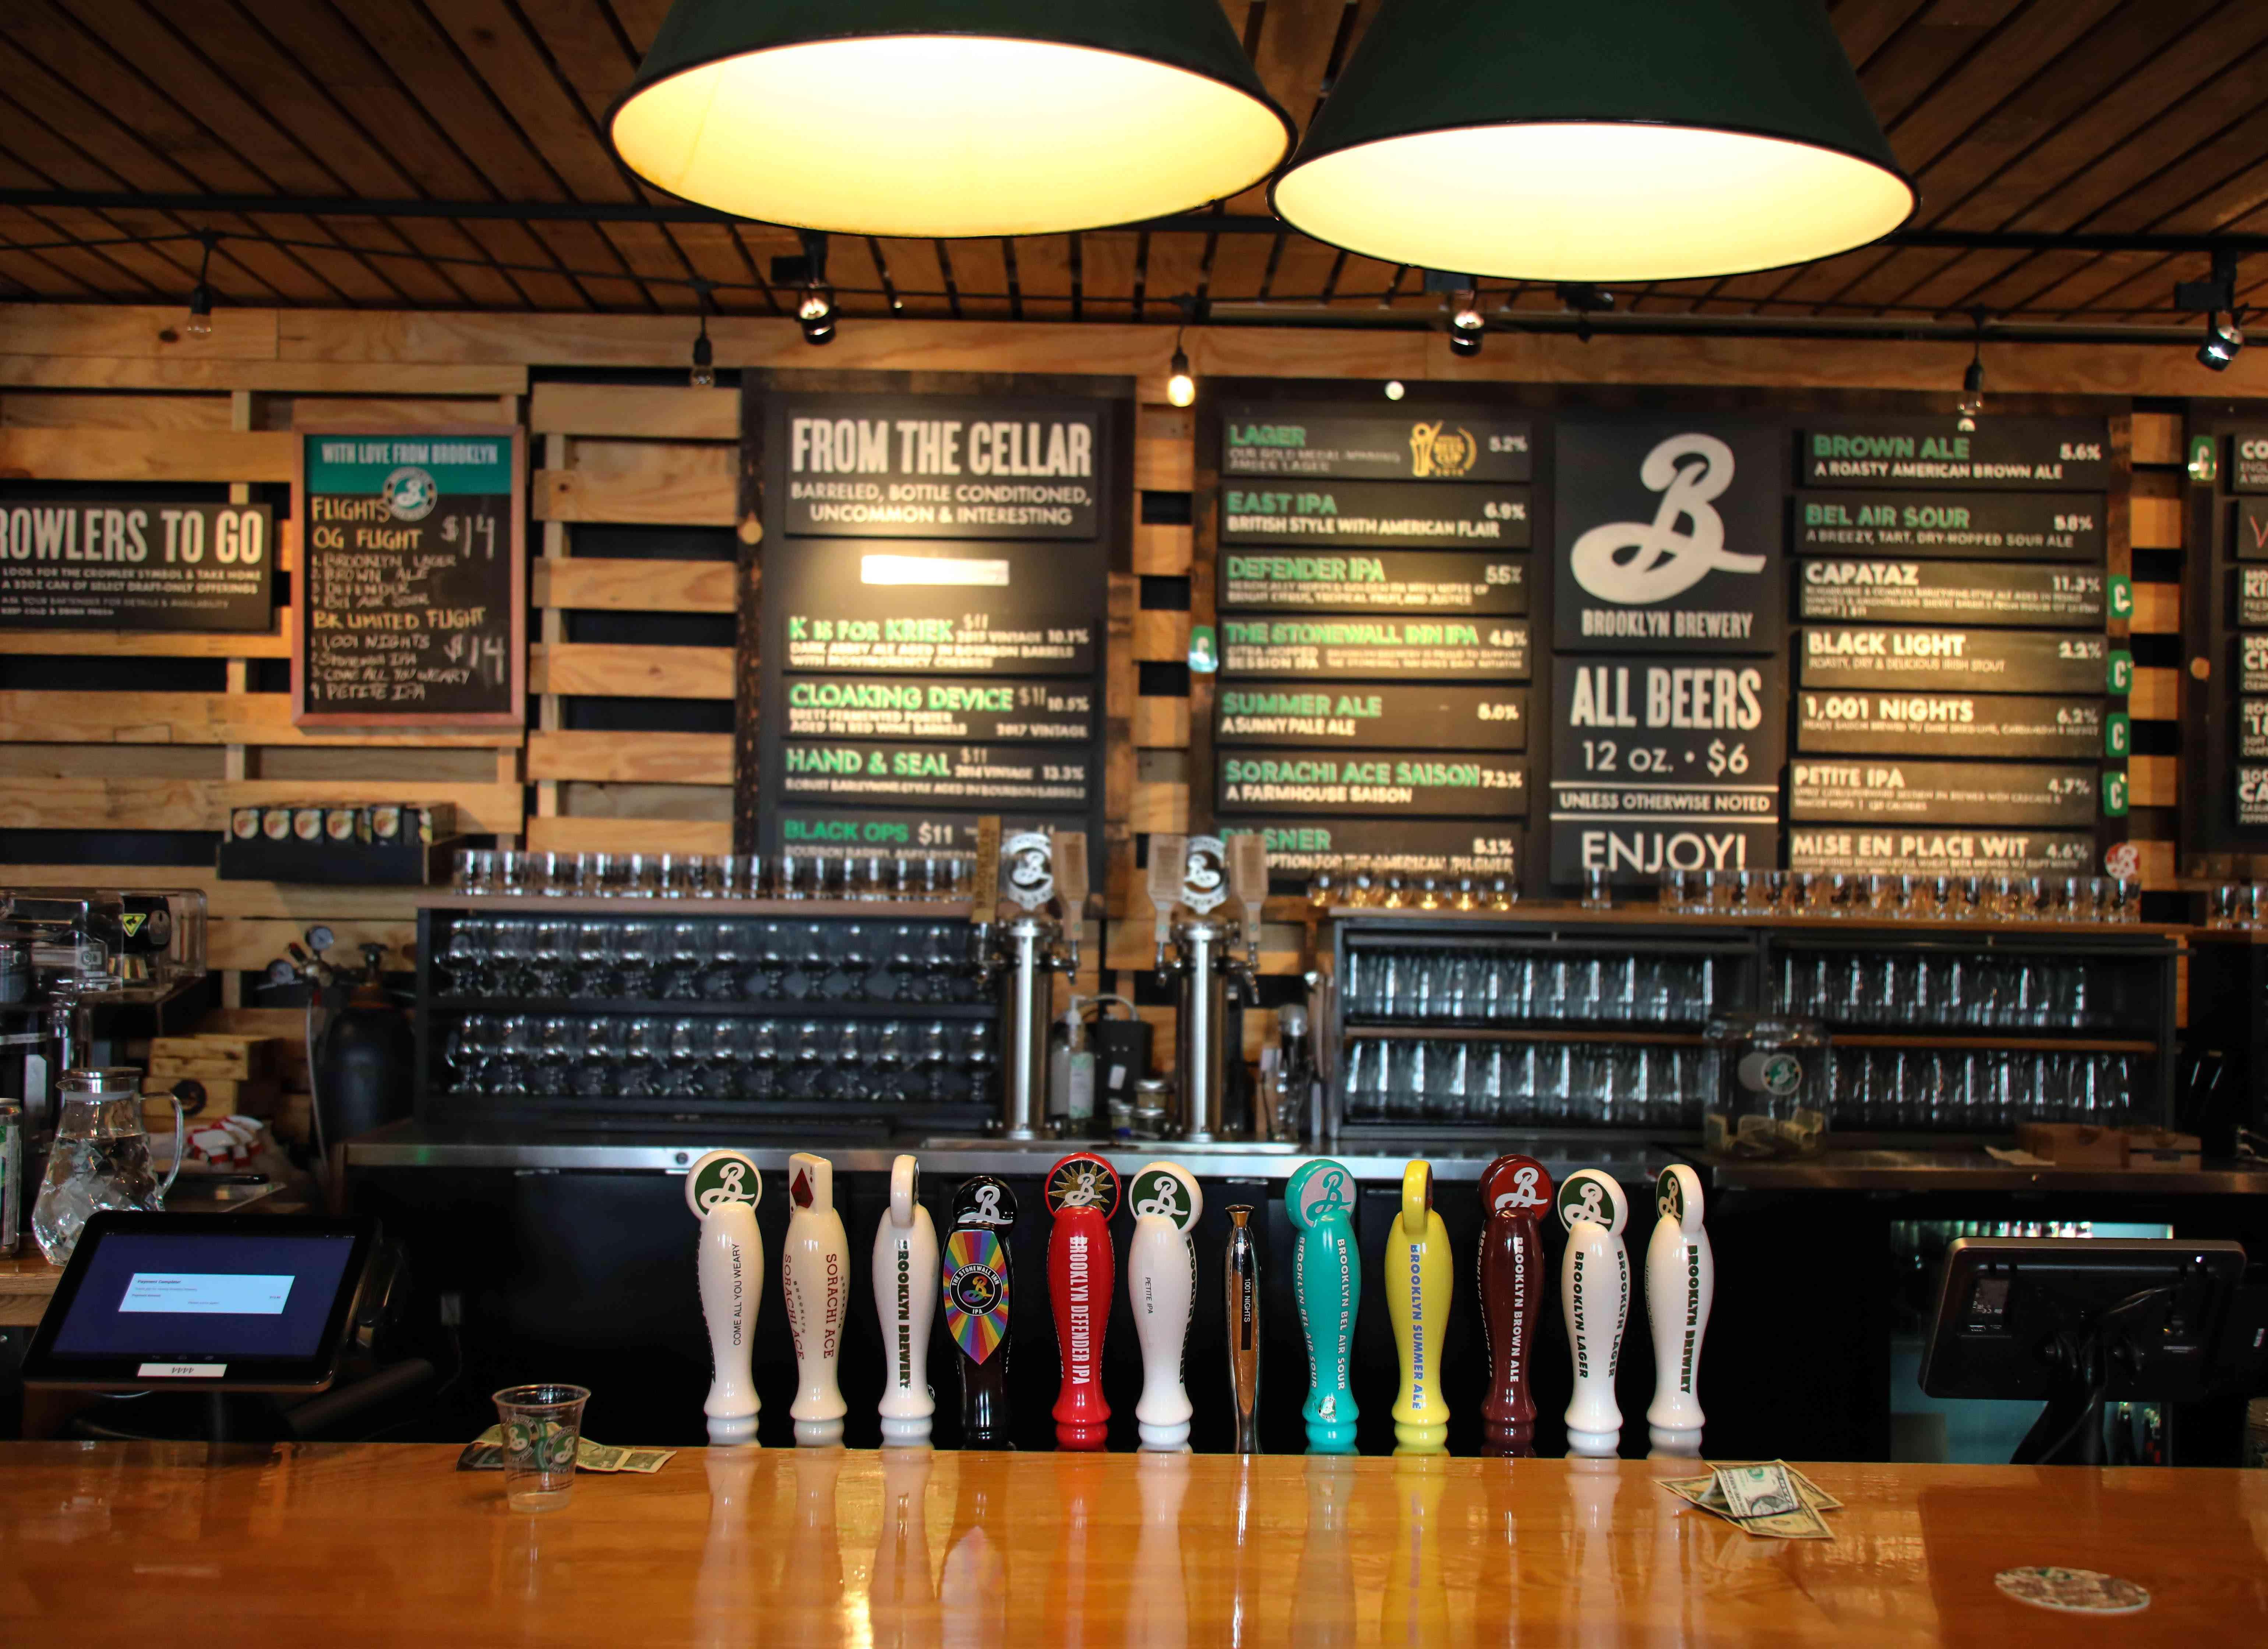 The beer menu at brooklyn brewery